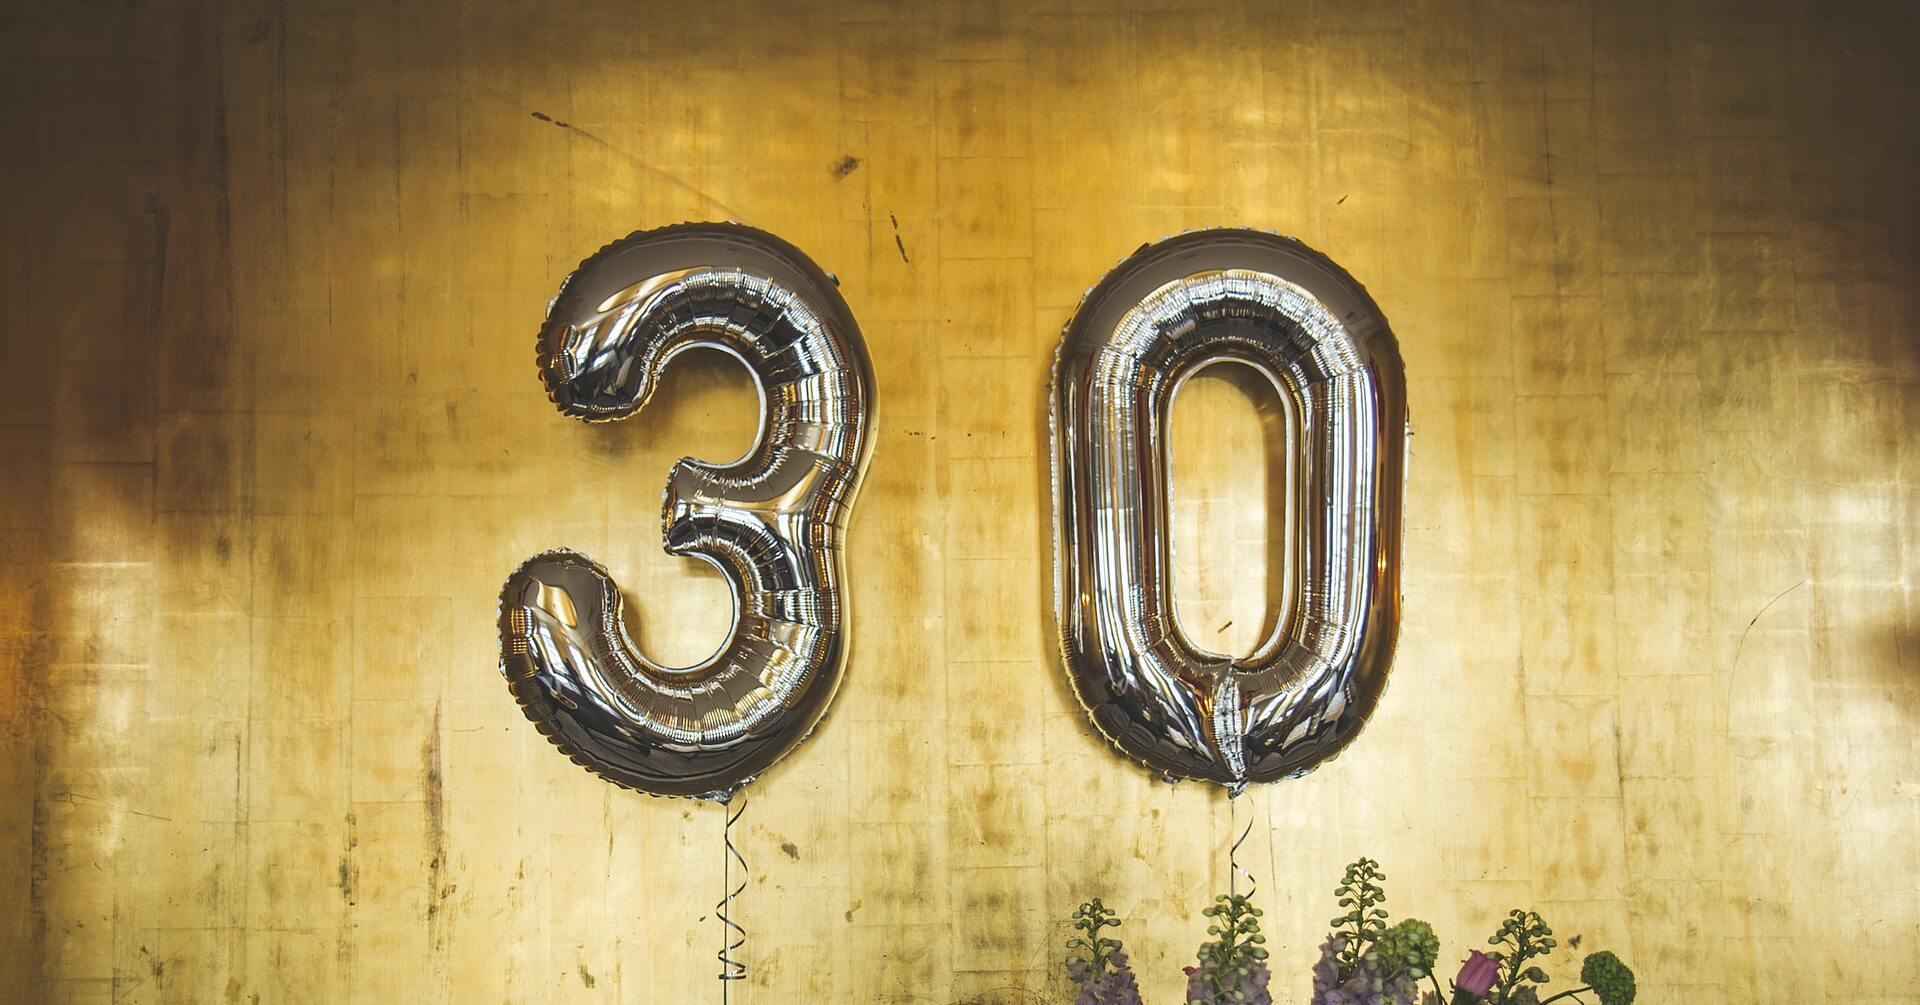 35歳で年収500万円は勝ち組?平均年収や500万超の割合を解説